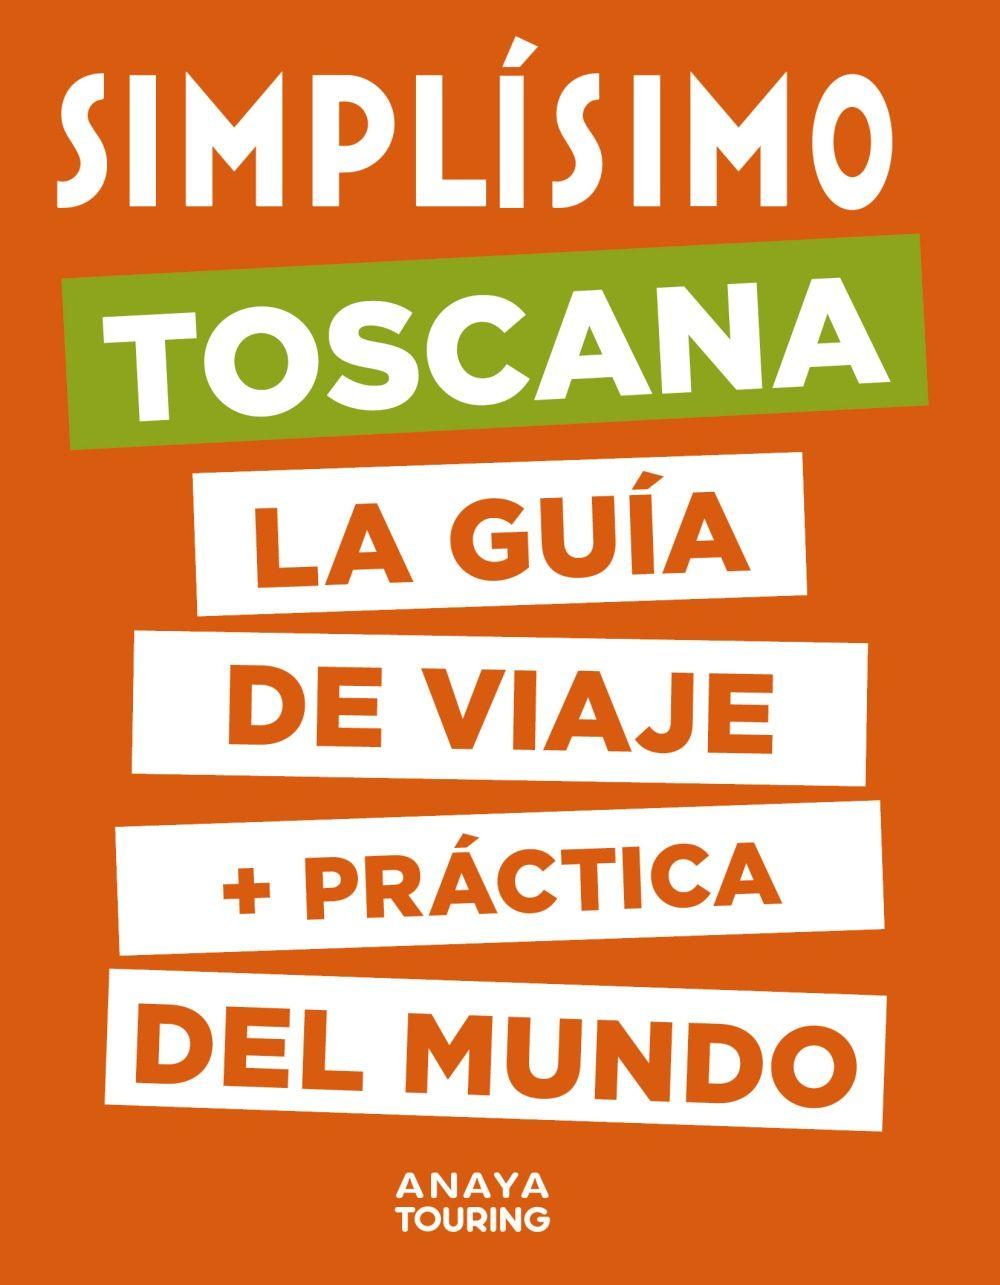 TOSCANA SIMPLISIMO